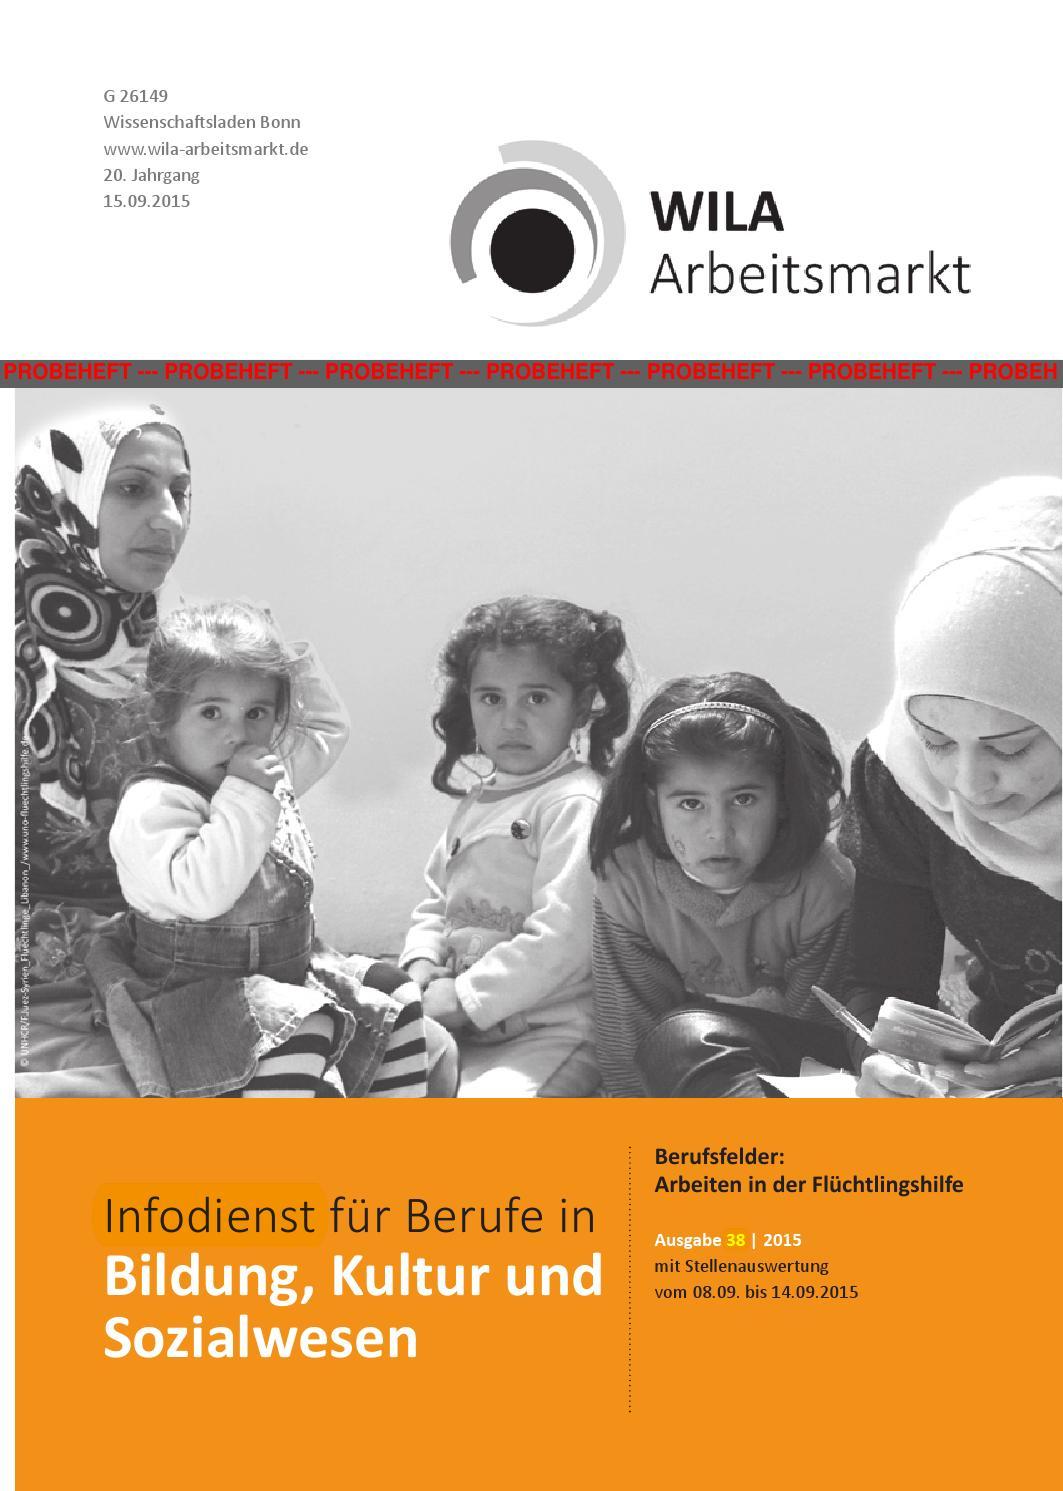 WILA Arbeitsmarkt - Infodienst für Berufe in Bildung, Kultur und ...